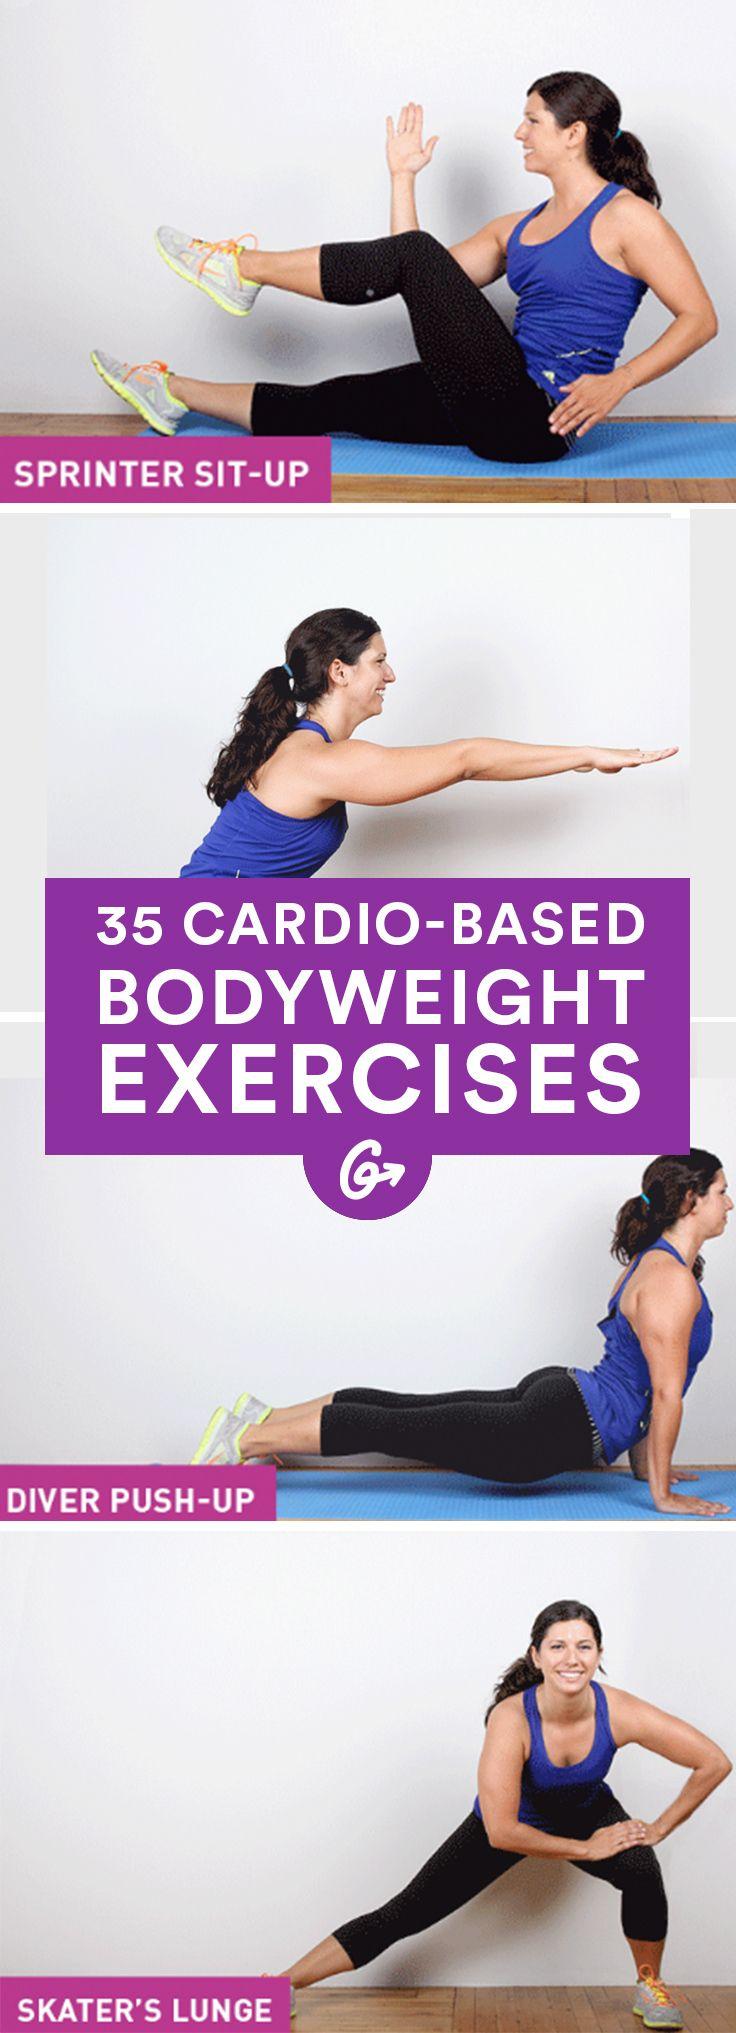 machine workout routines app